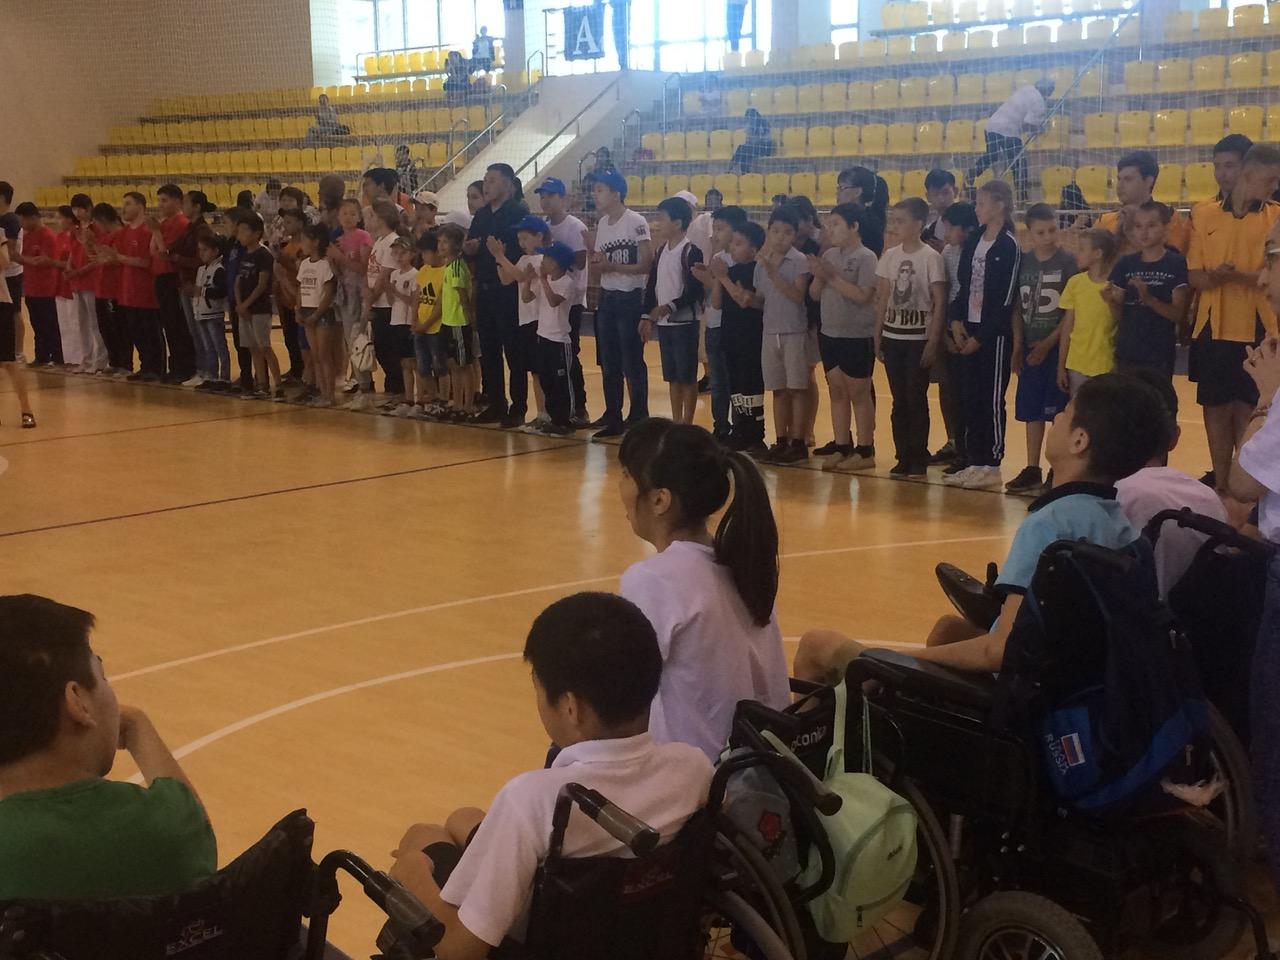 В г. Элисте состоялись Республиканские молодежные спортивные игры «Уралан» среди лиц с ограниченными возможностями здоровья